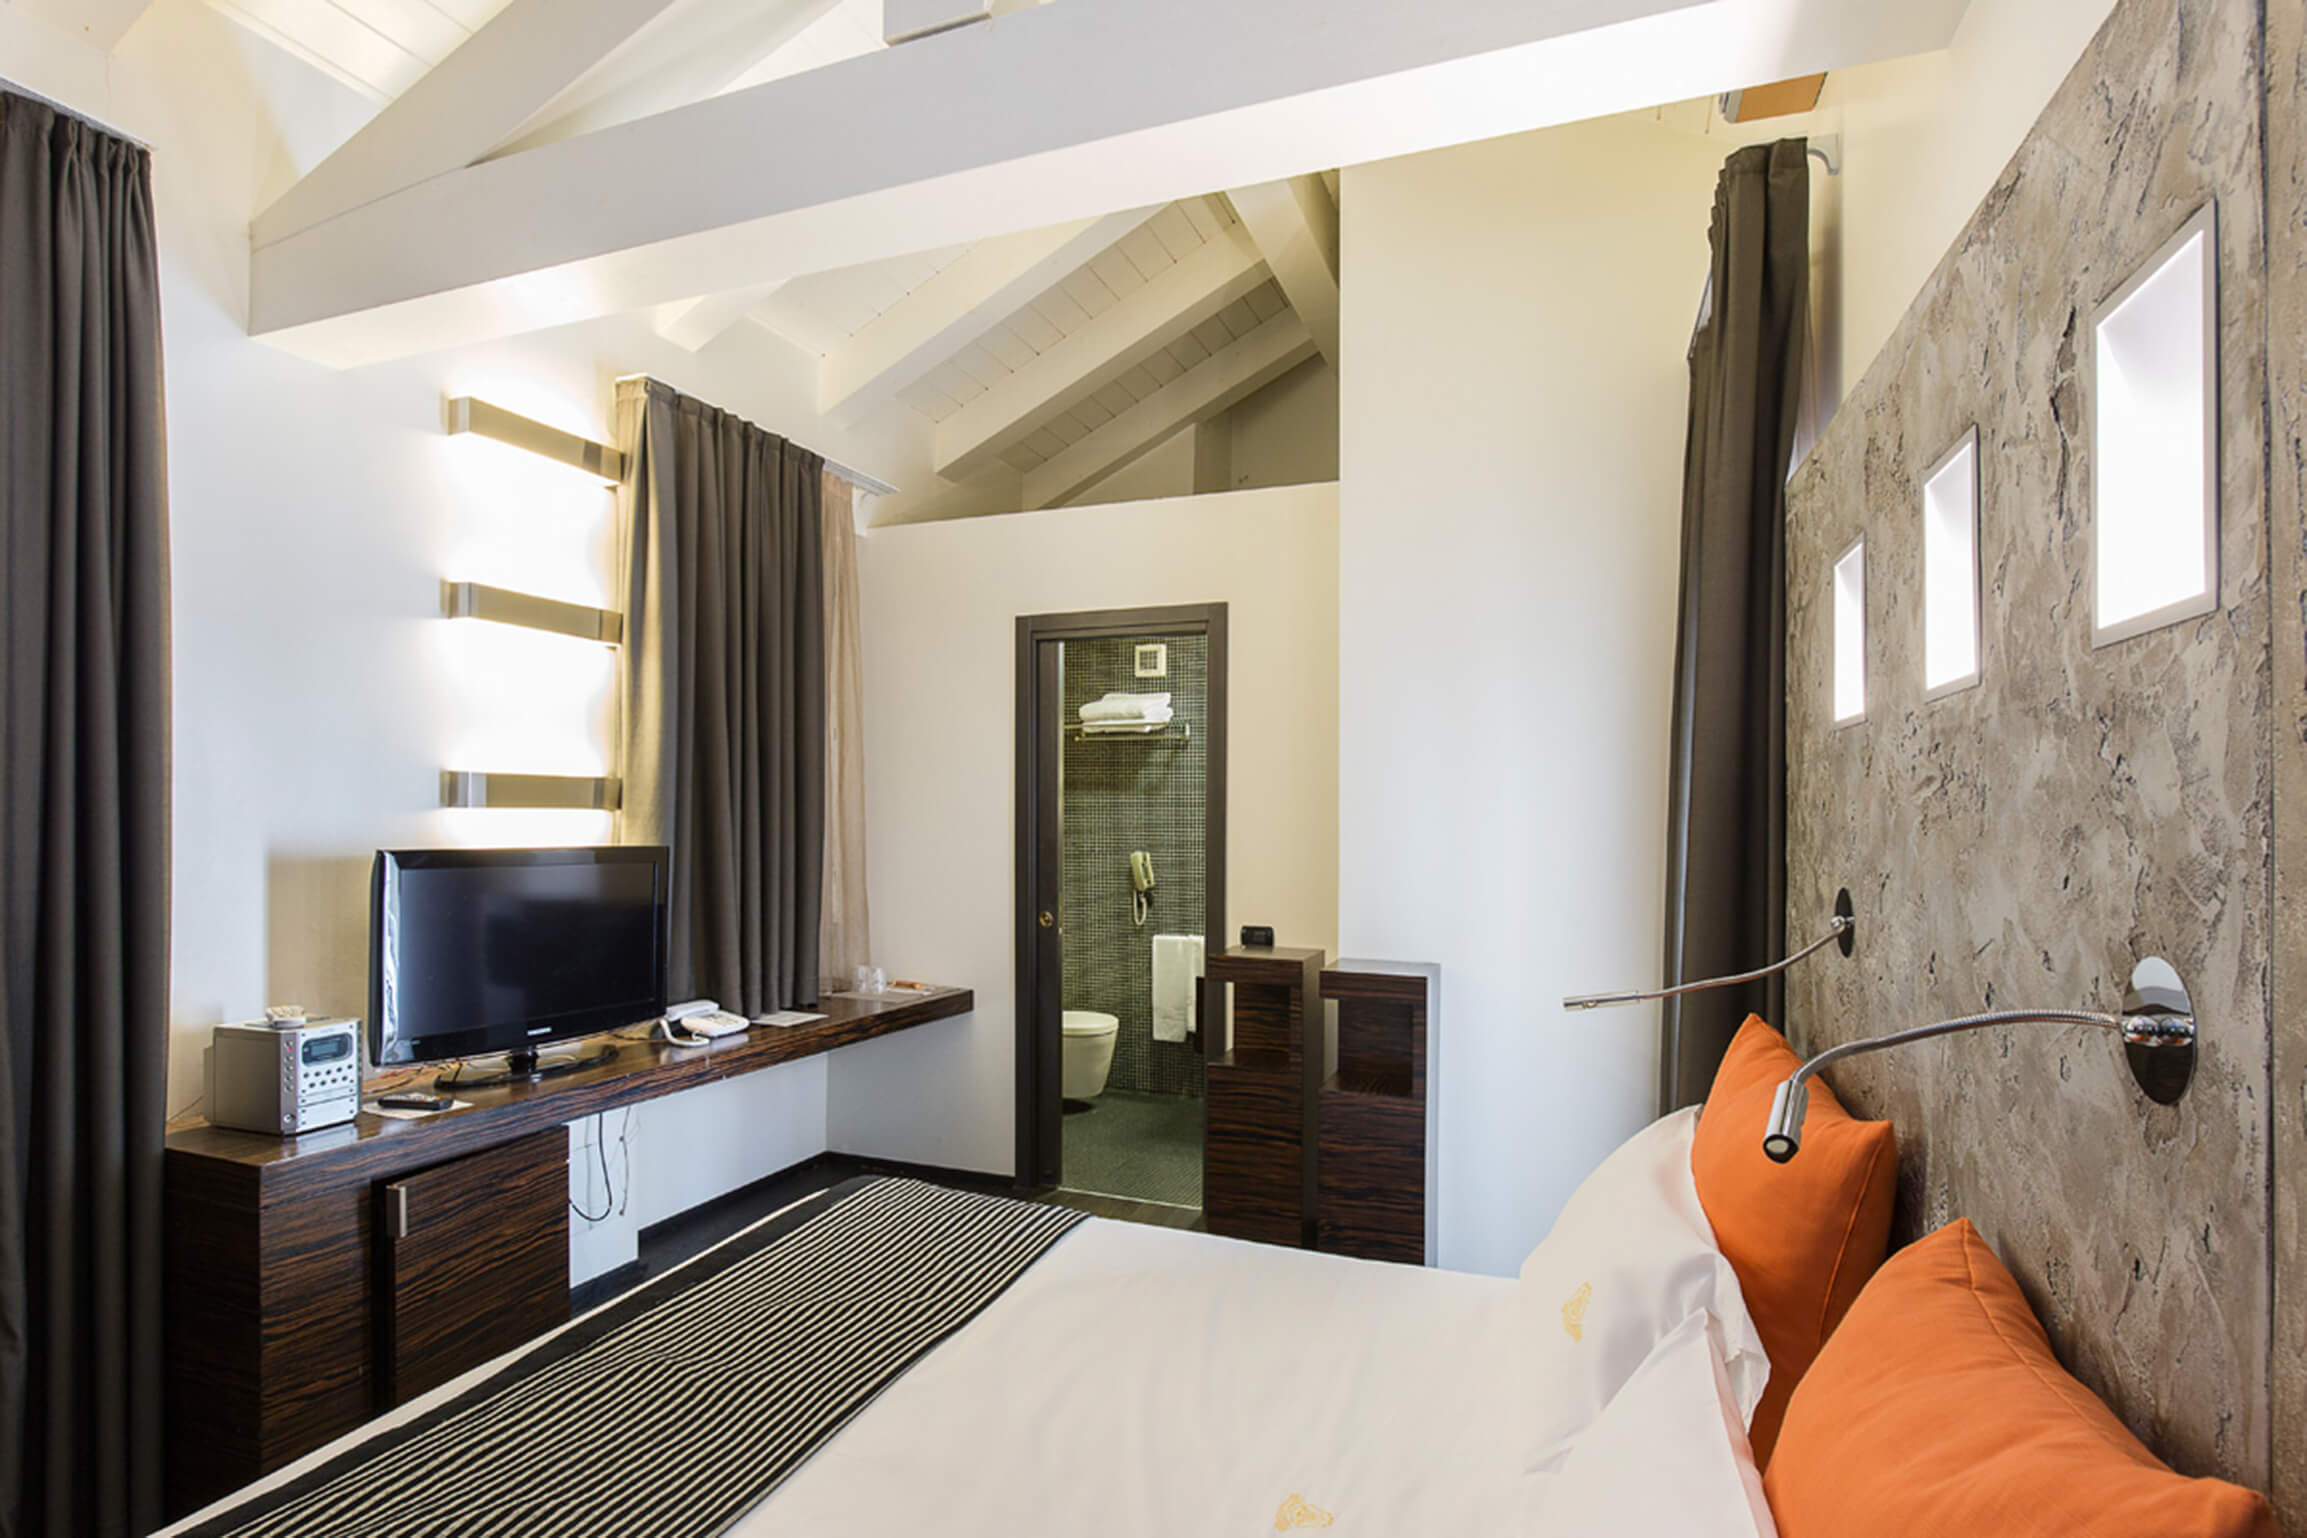 Hotel-Ancora-DeLux-Retro-2020-1